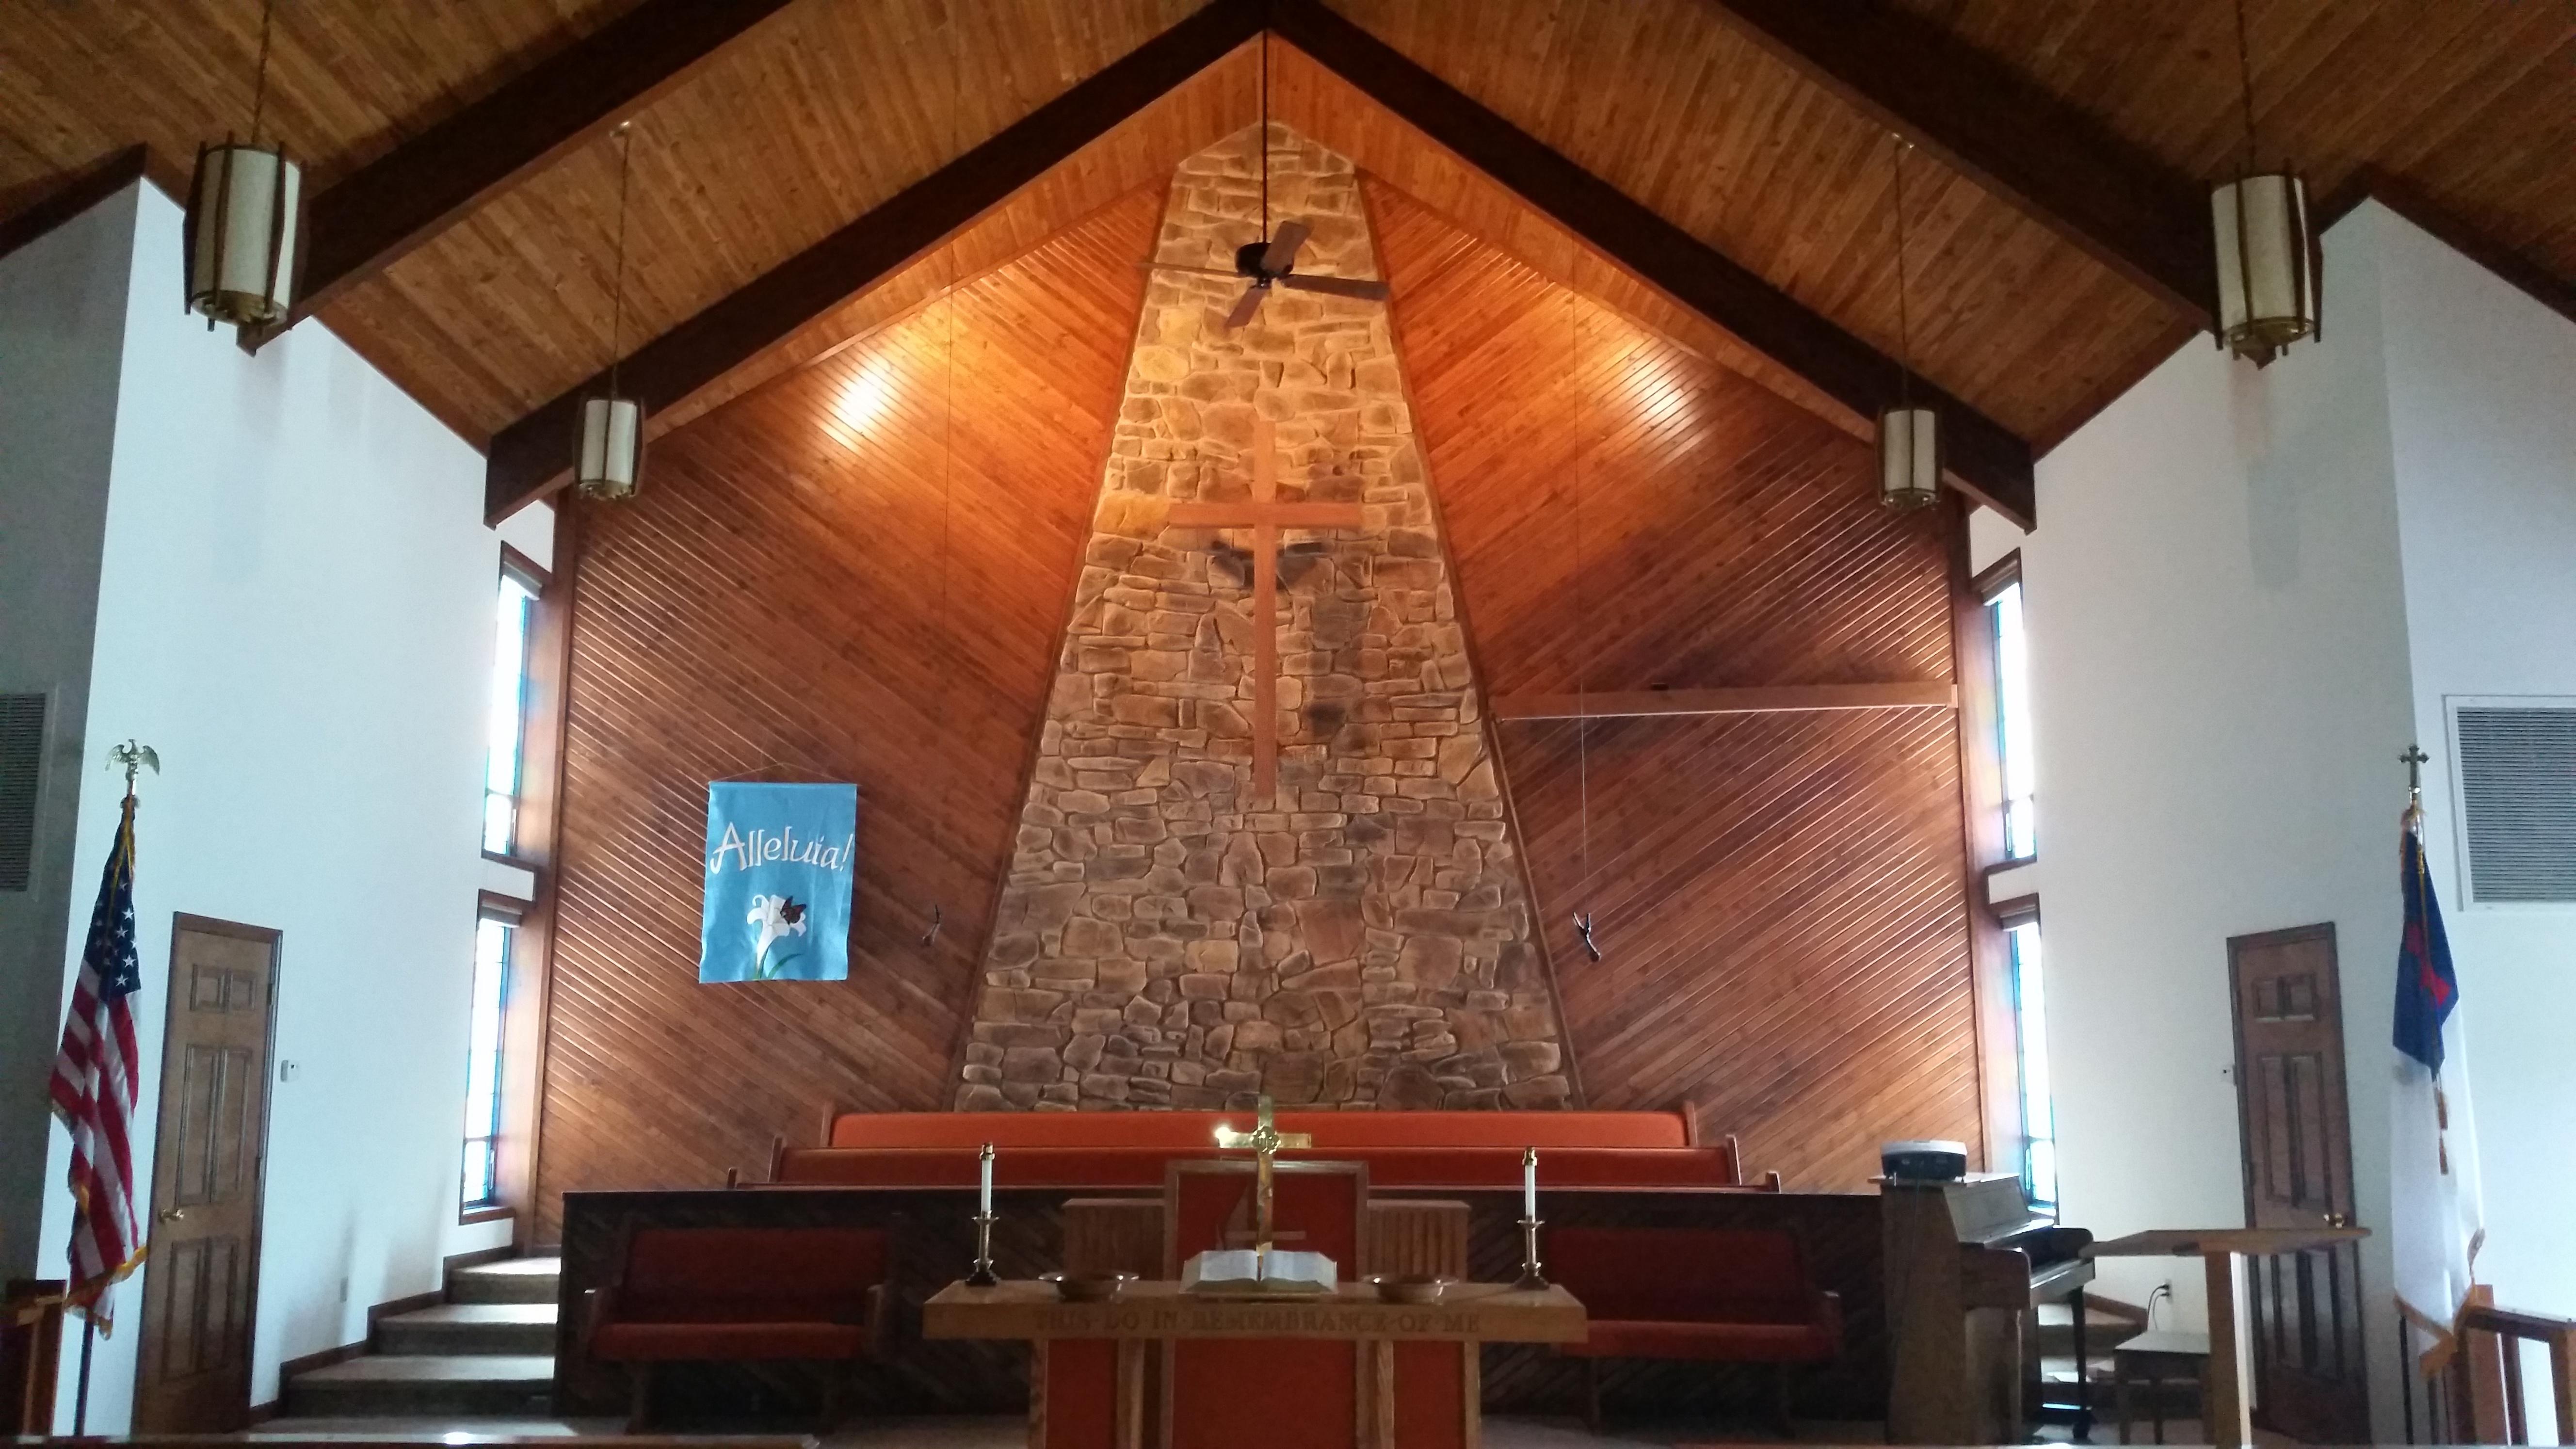 https://0201.nccdn.net/1_2/000/000/0a1/eec/sanctuary-5312x2988.jpg